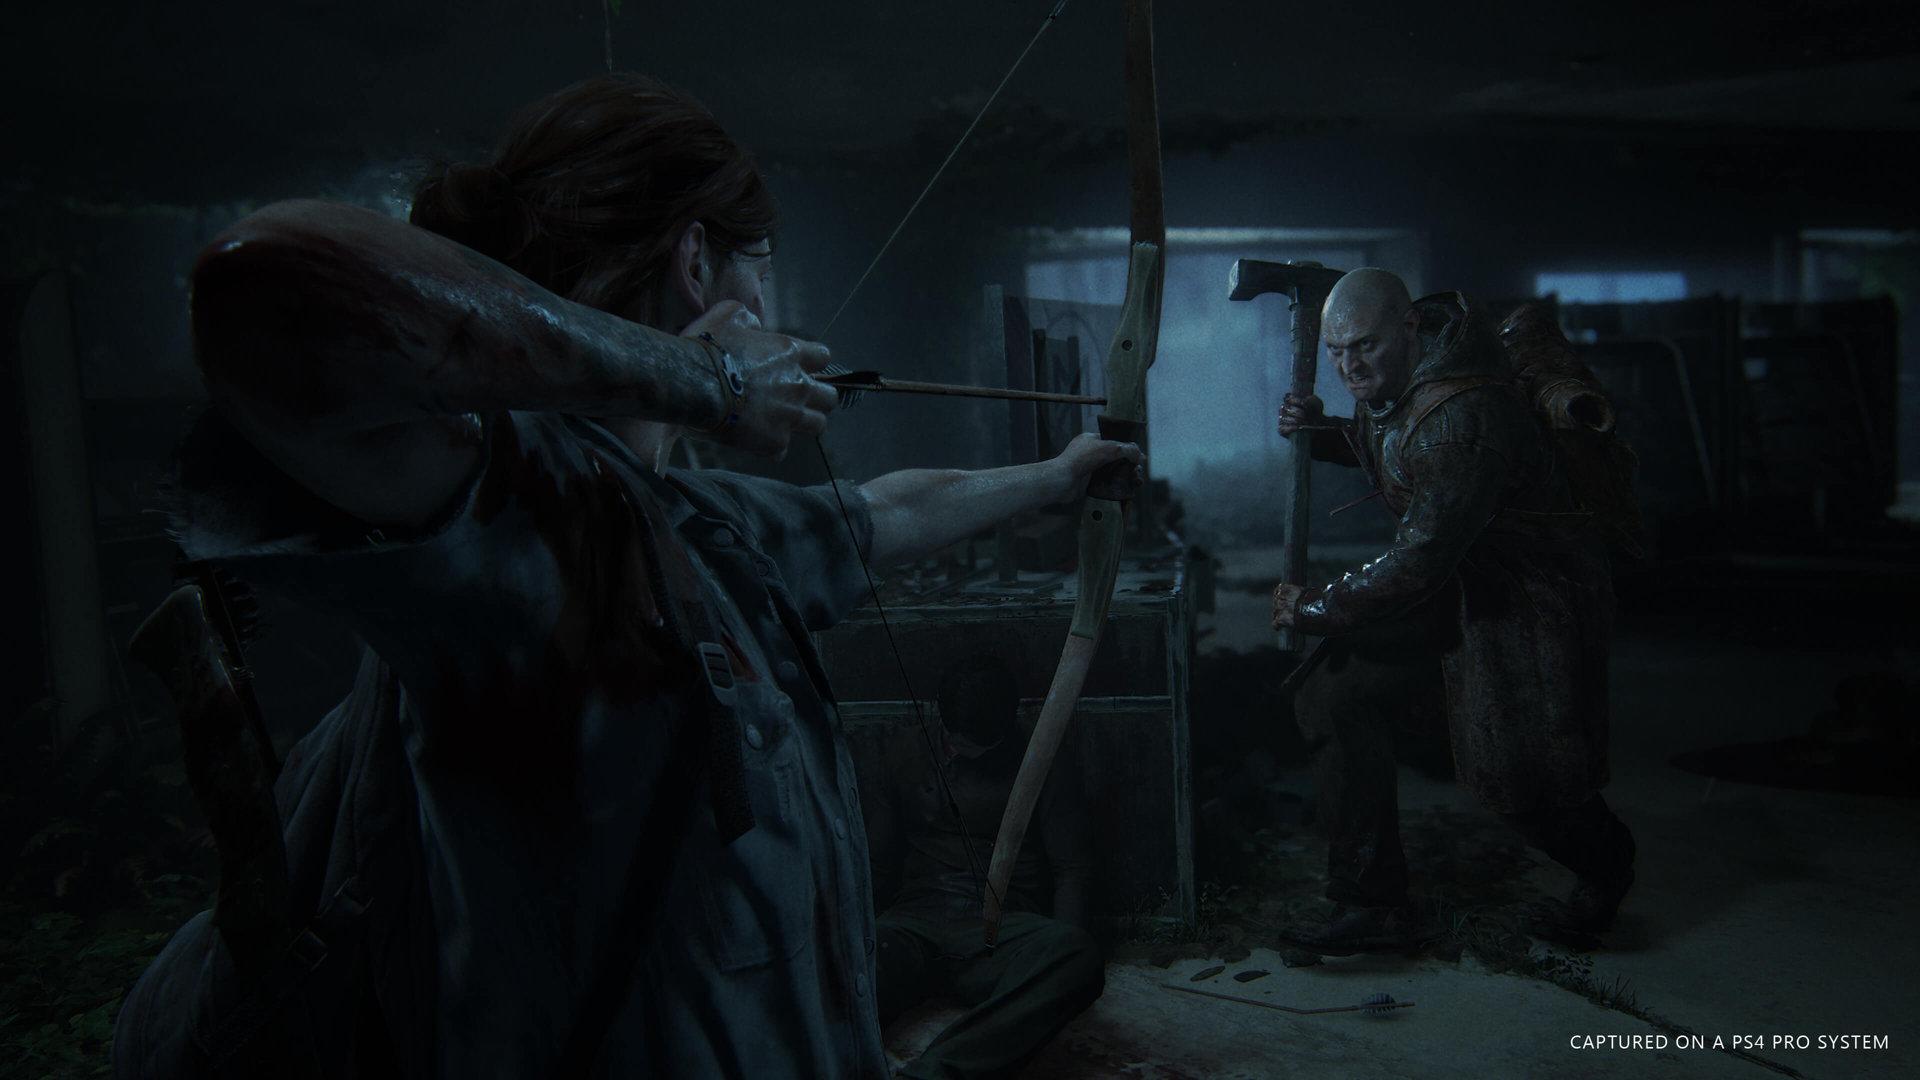 القتال المباشر في إيلي The last of us 2